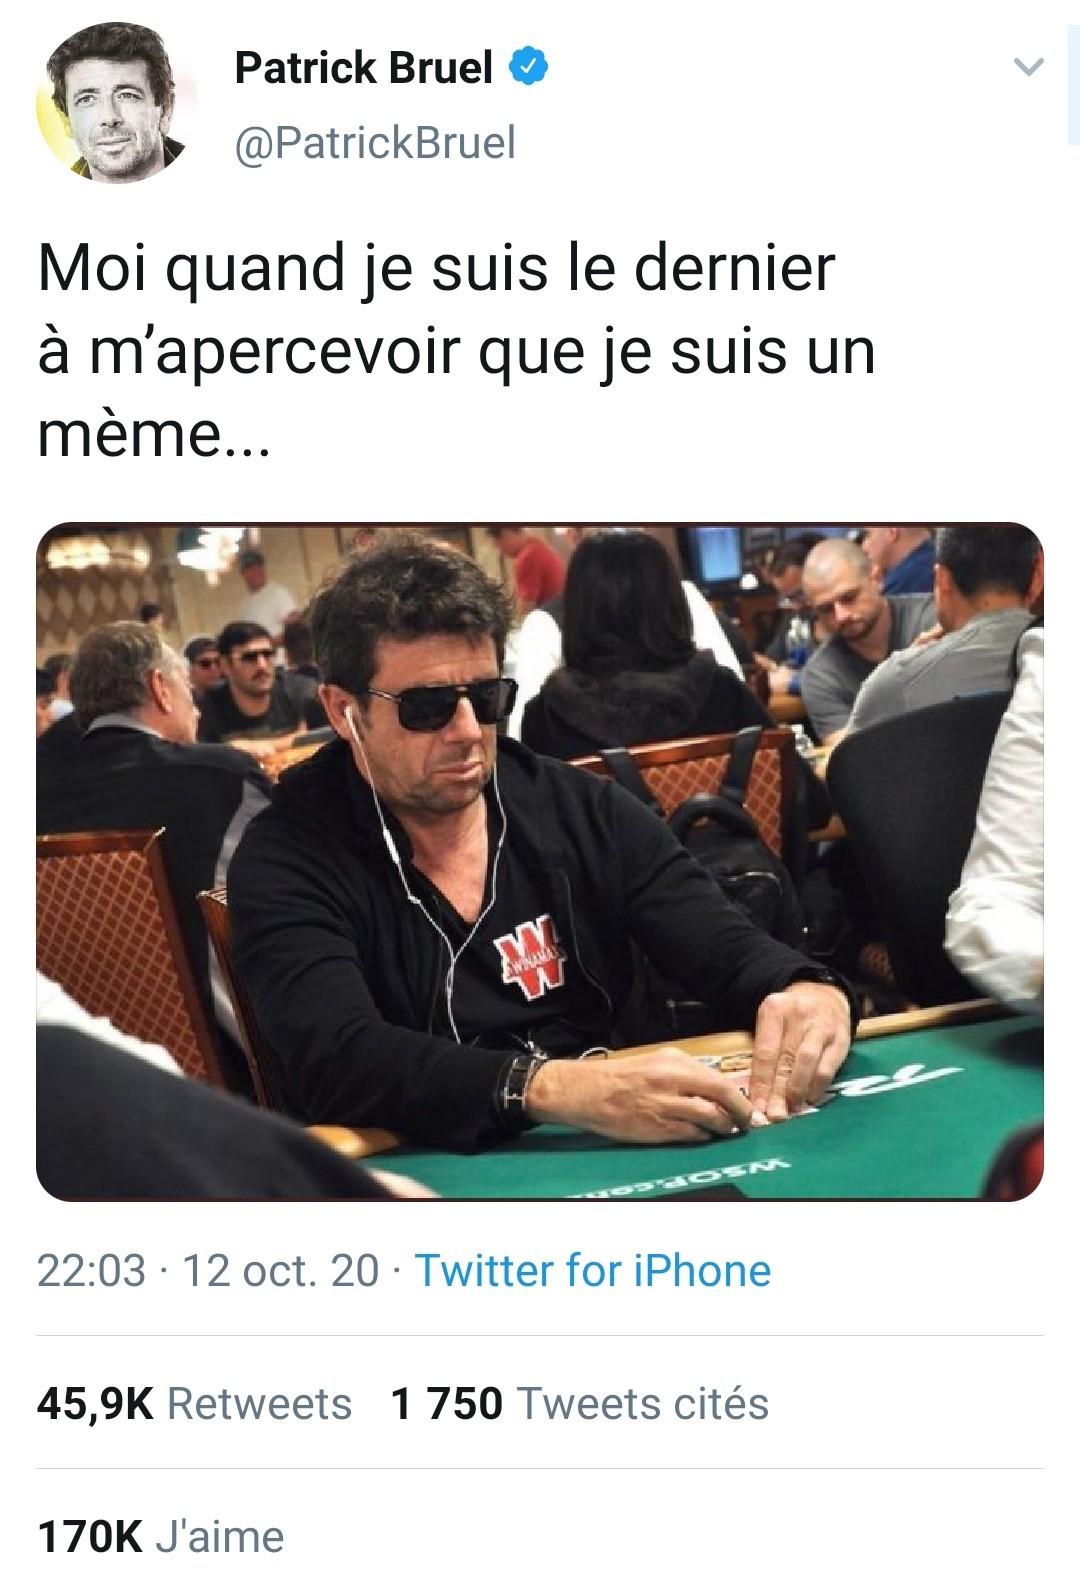 Même Patrick utilise son meme